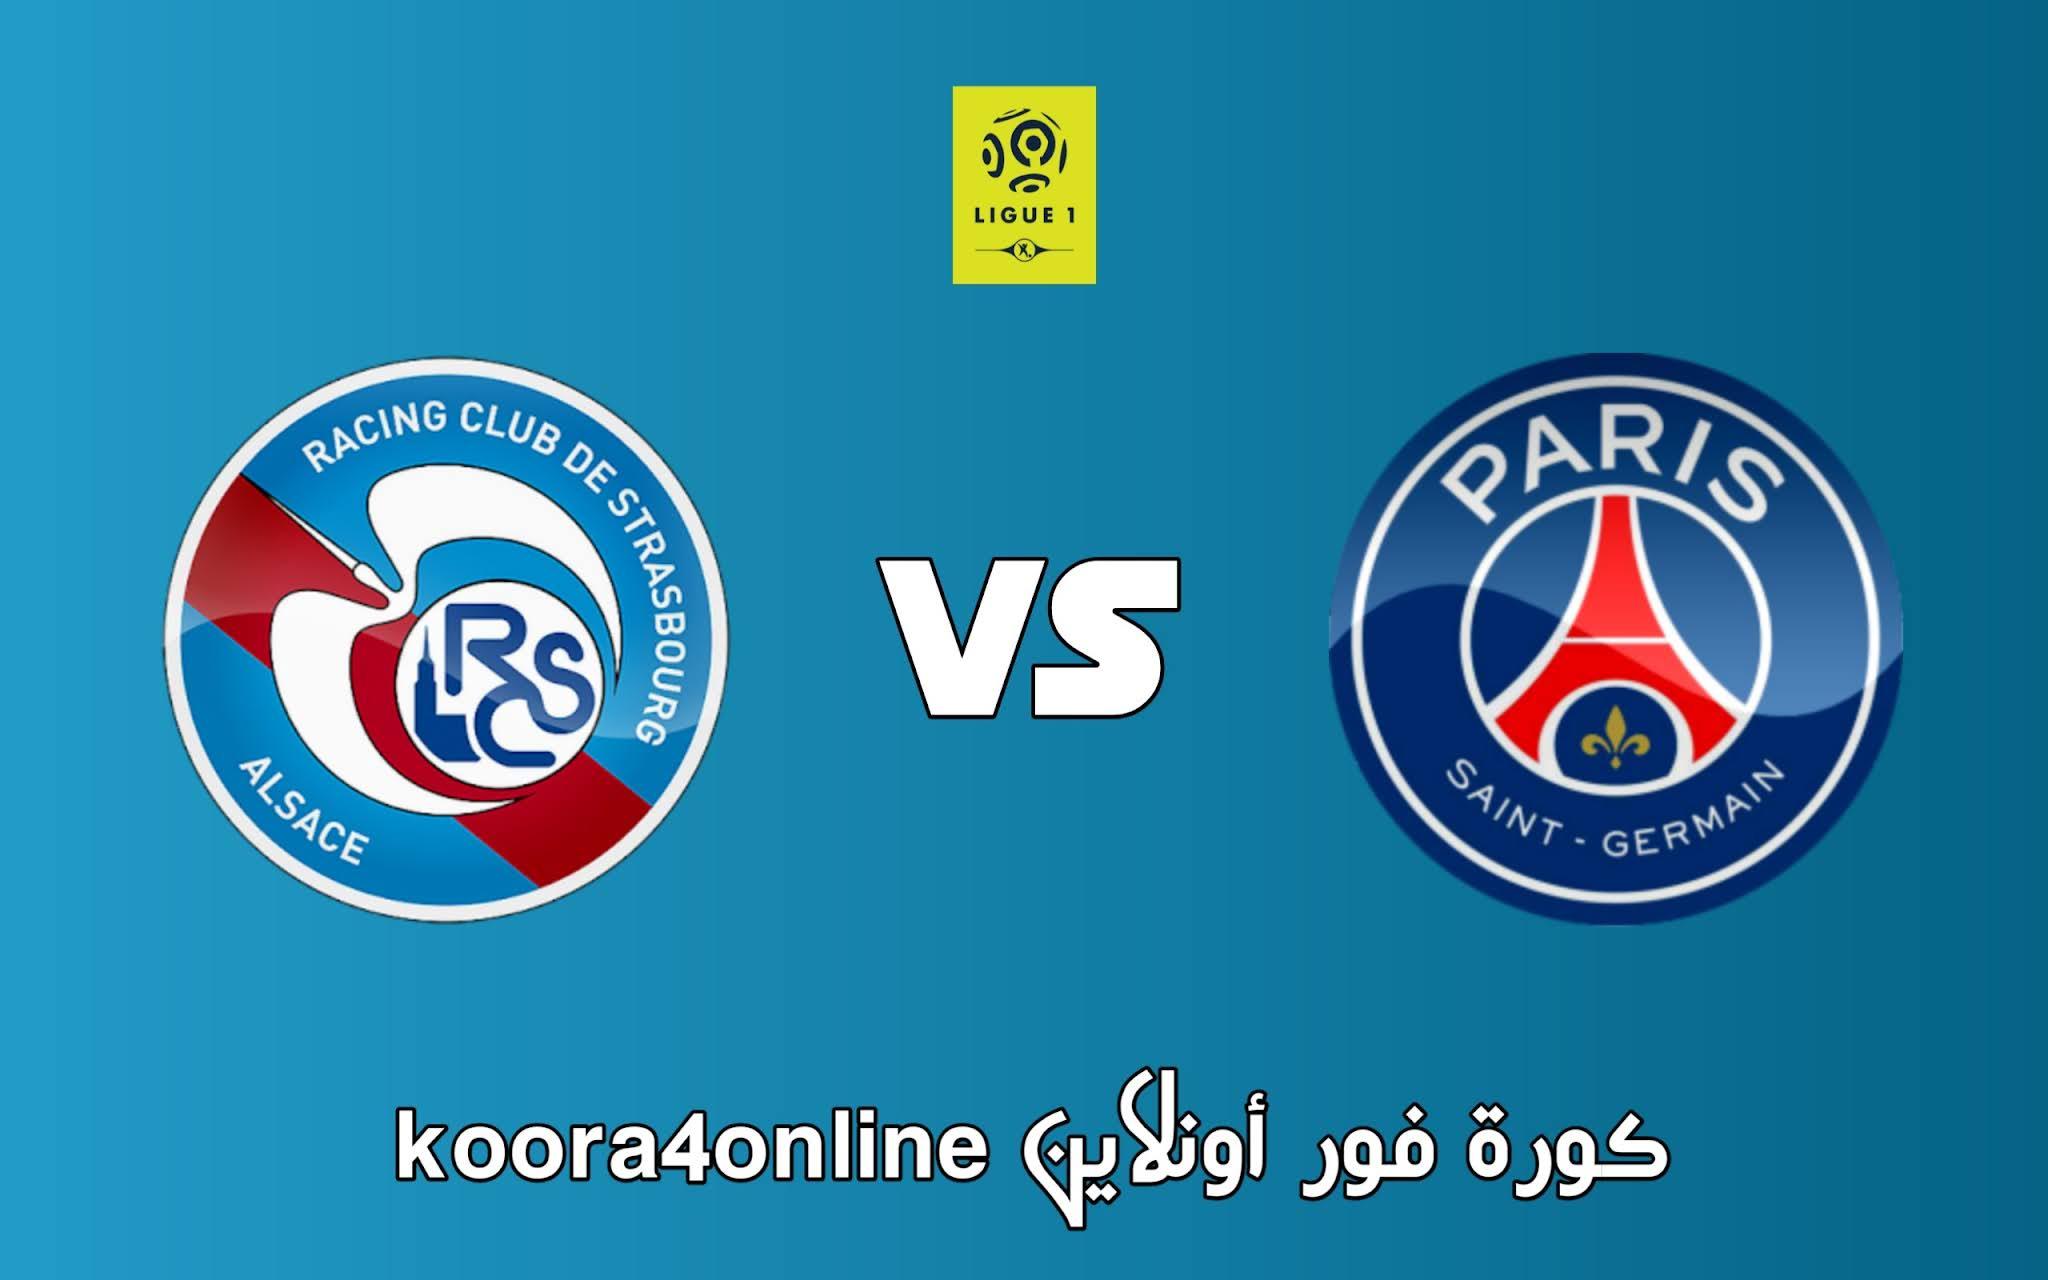 مشاهدة مباراة باريس سان جيرمان و ستراسبورغ اليوم 14-08-2021 في الدوري الفرنسي